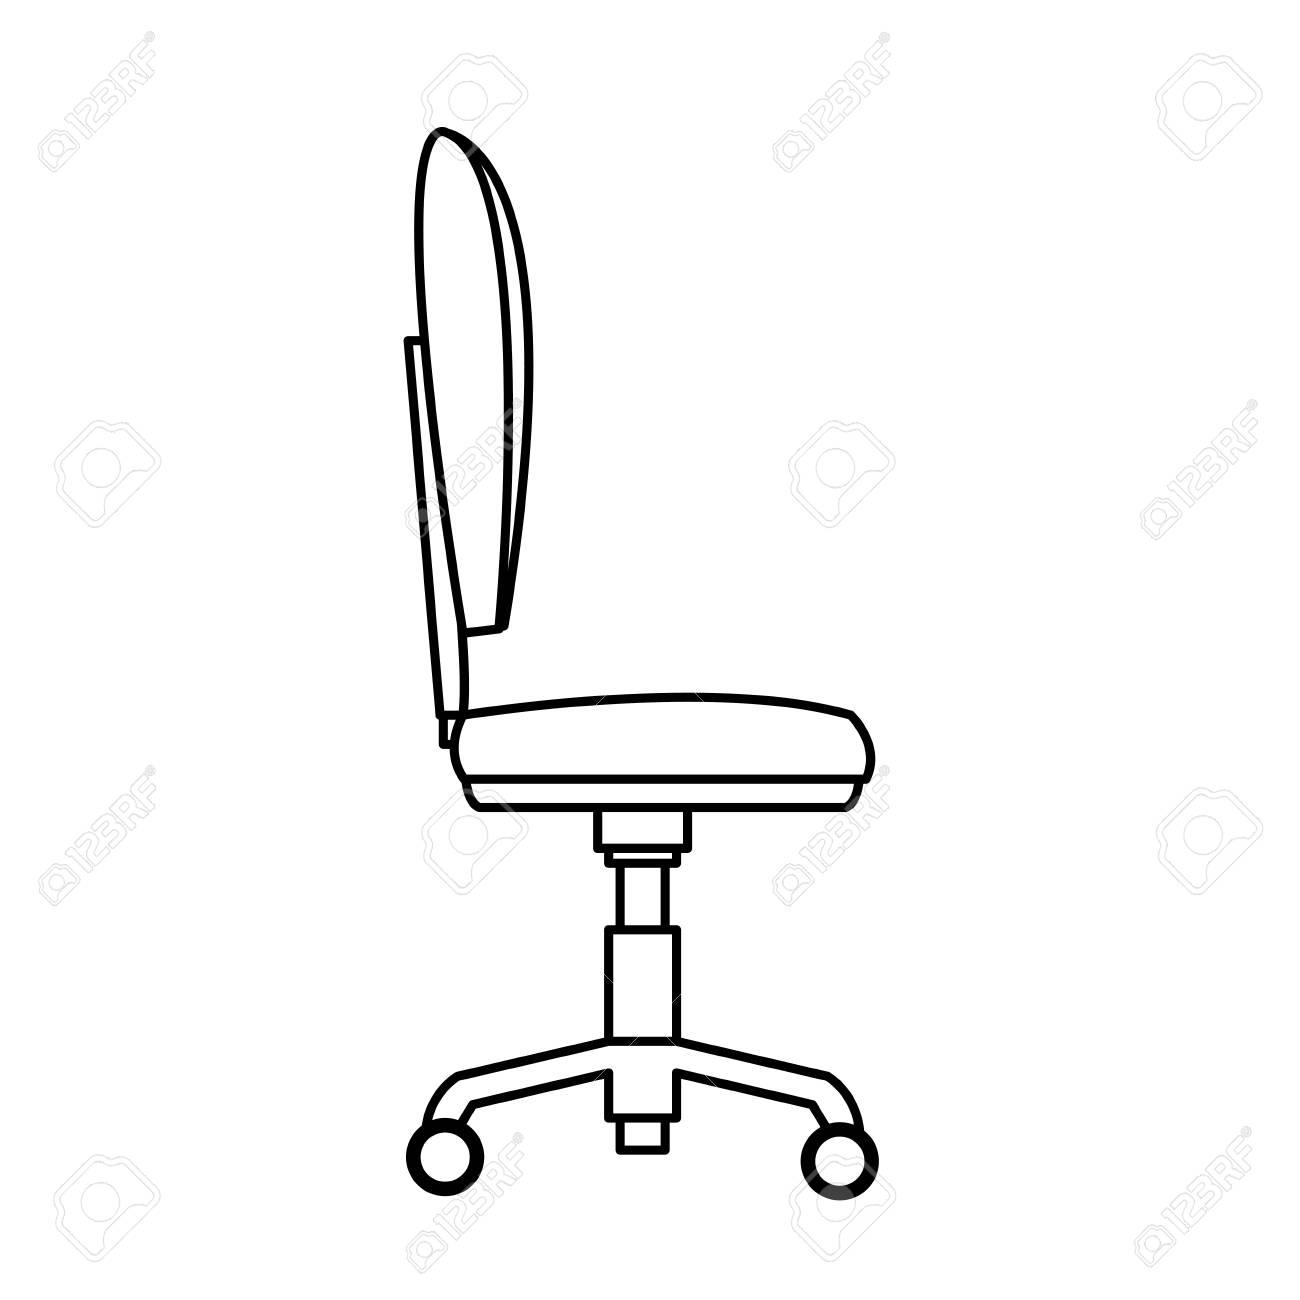 Silla Oficina Rueda Contorno De Perfil Suave Ilustración Vectorial ...